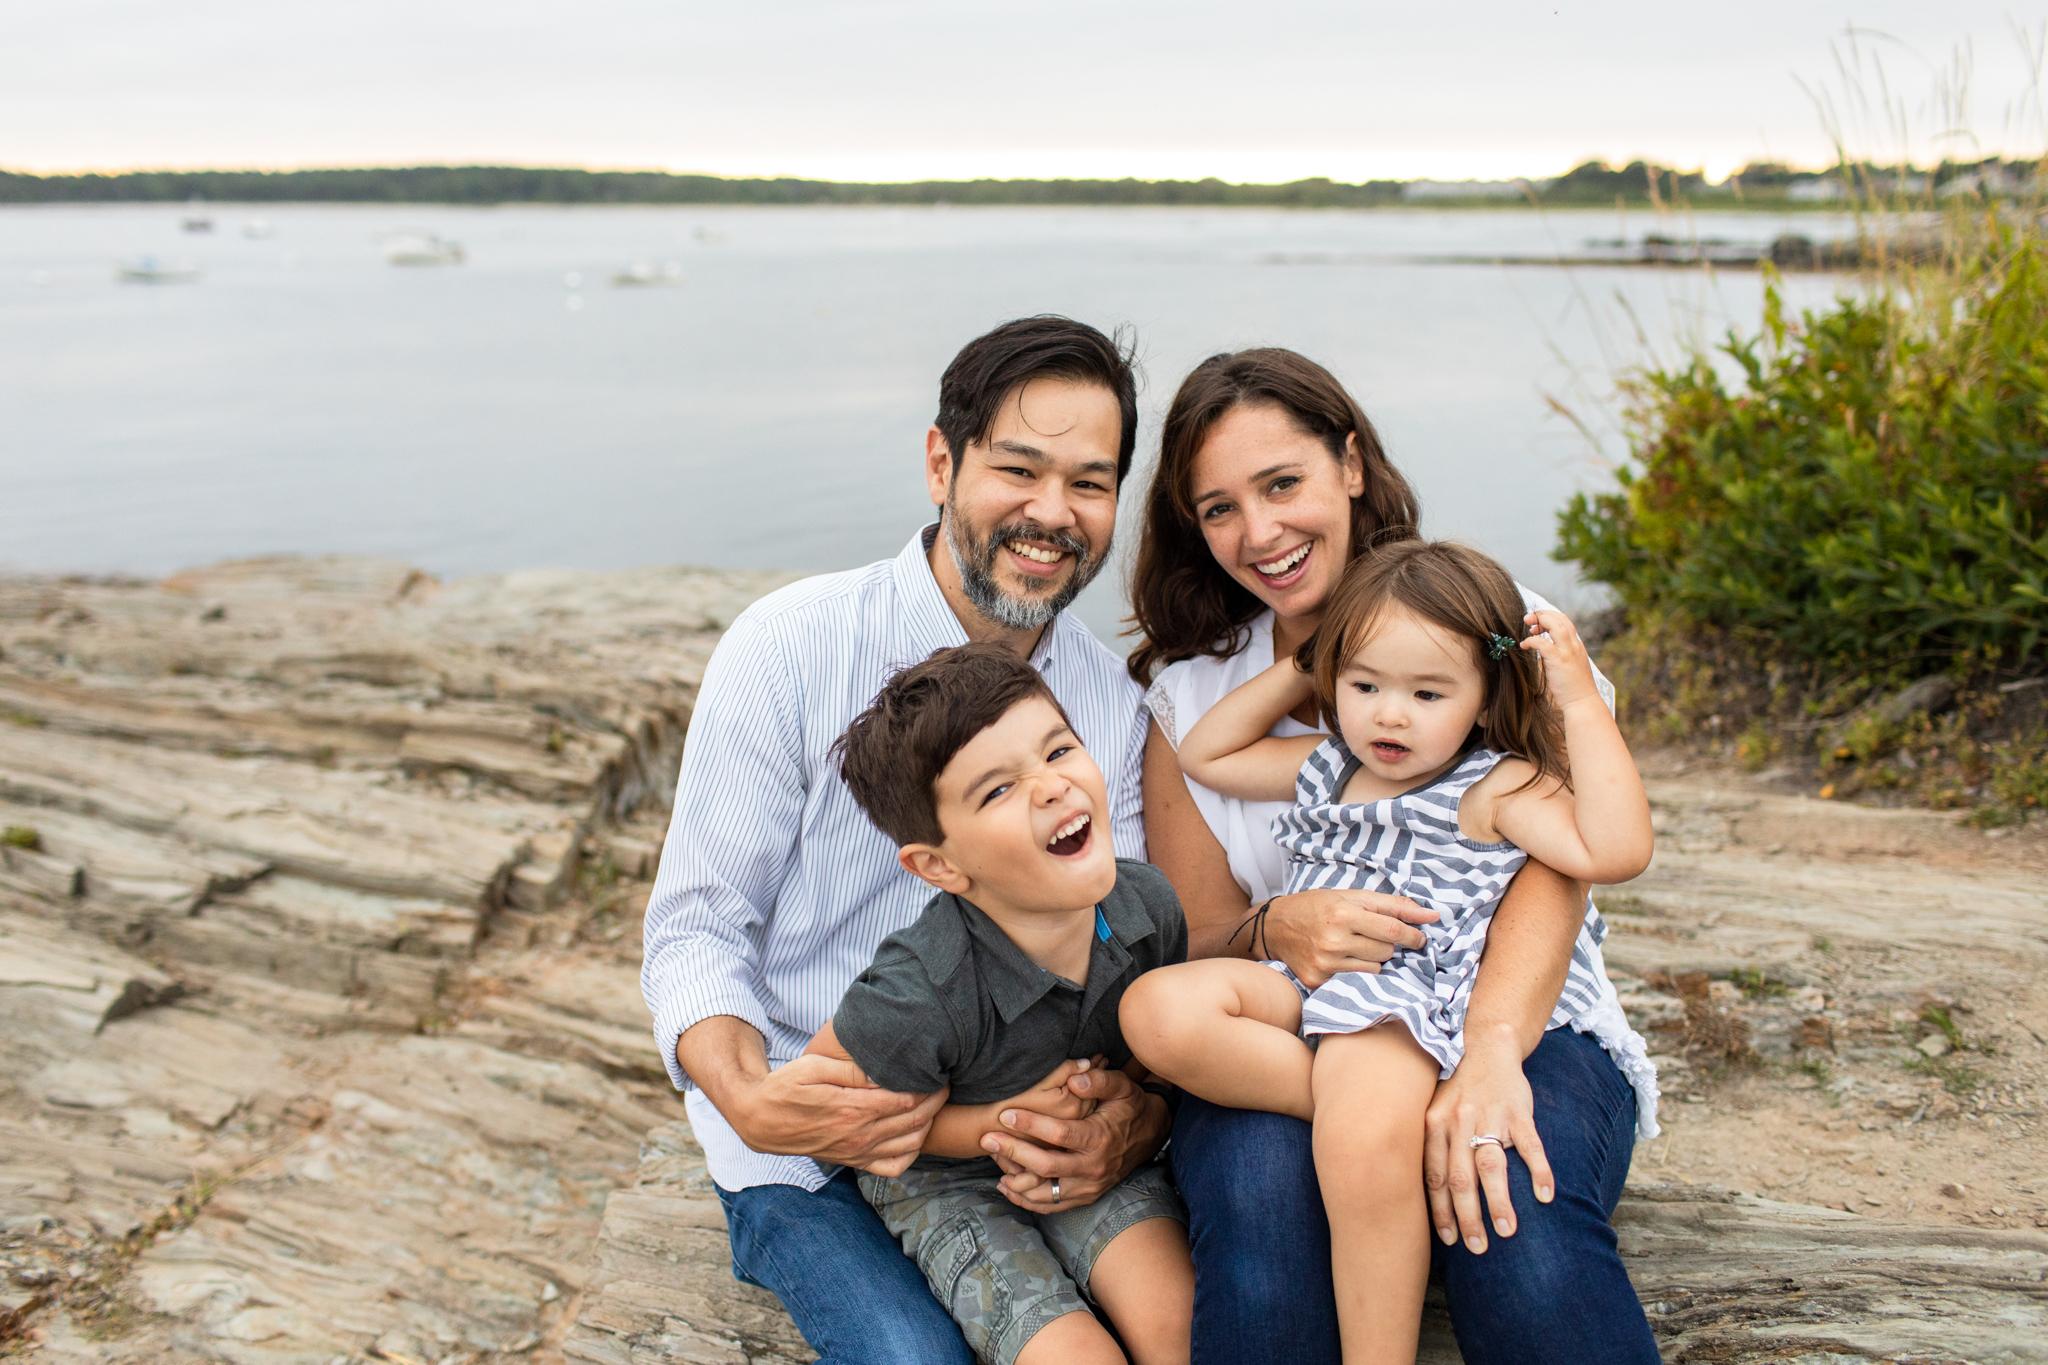 maine-family-photographer-beach-lifestyle -59.jpg